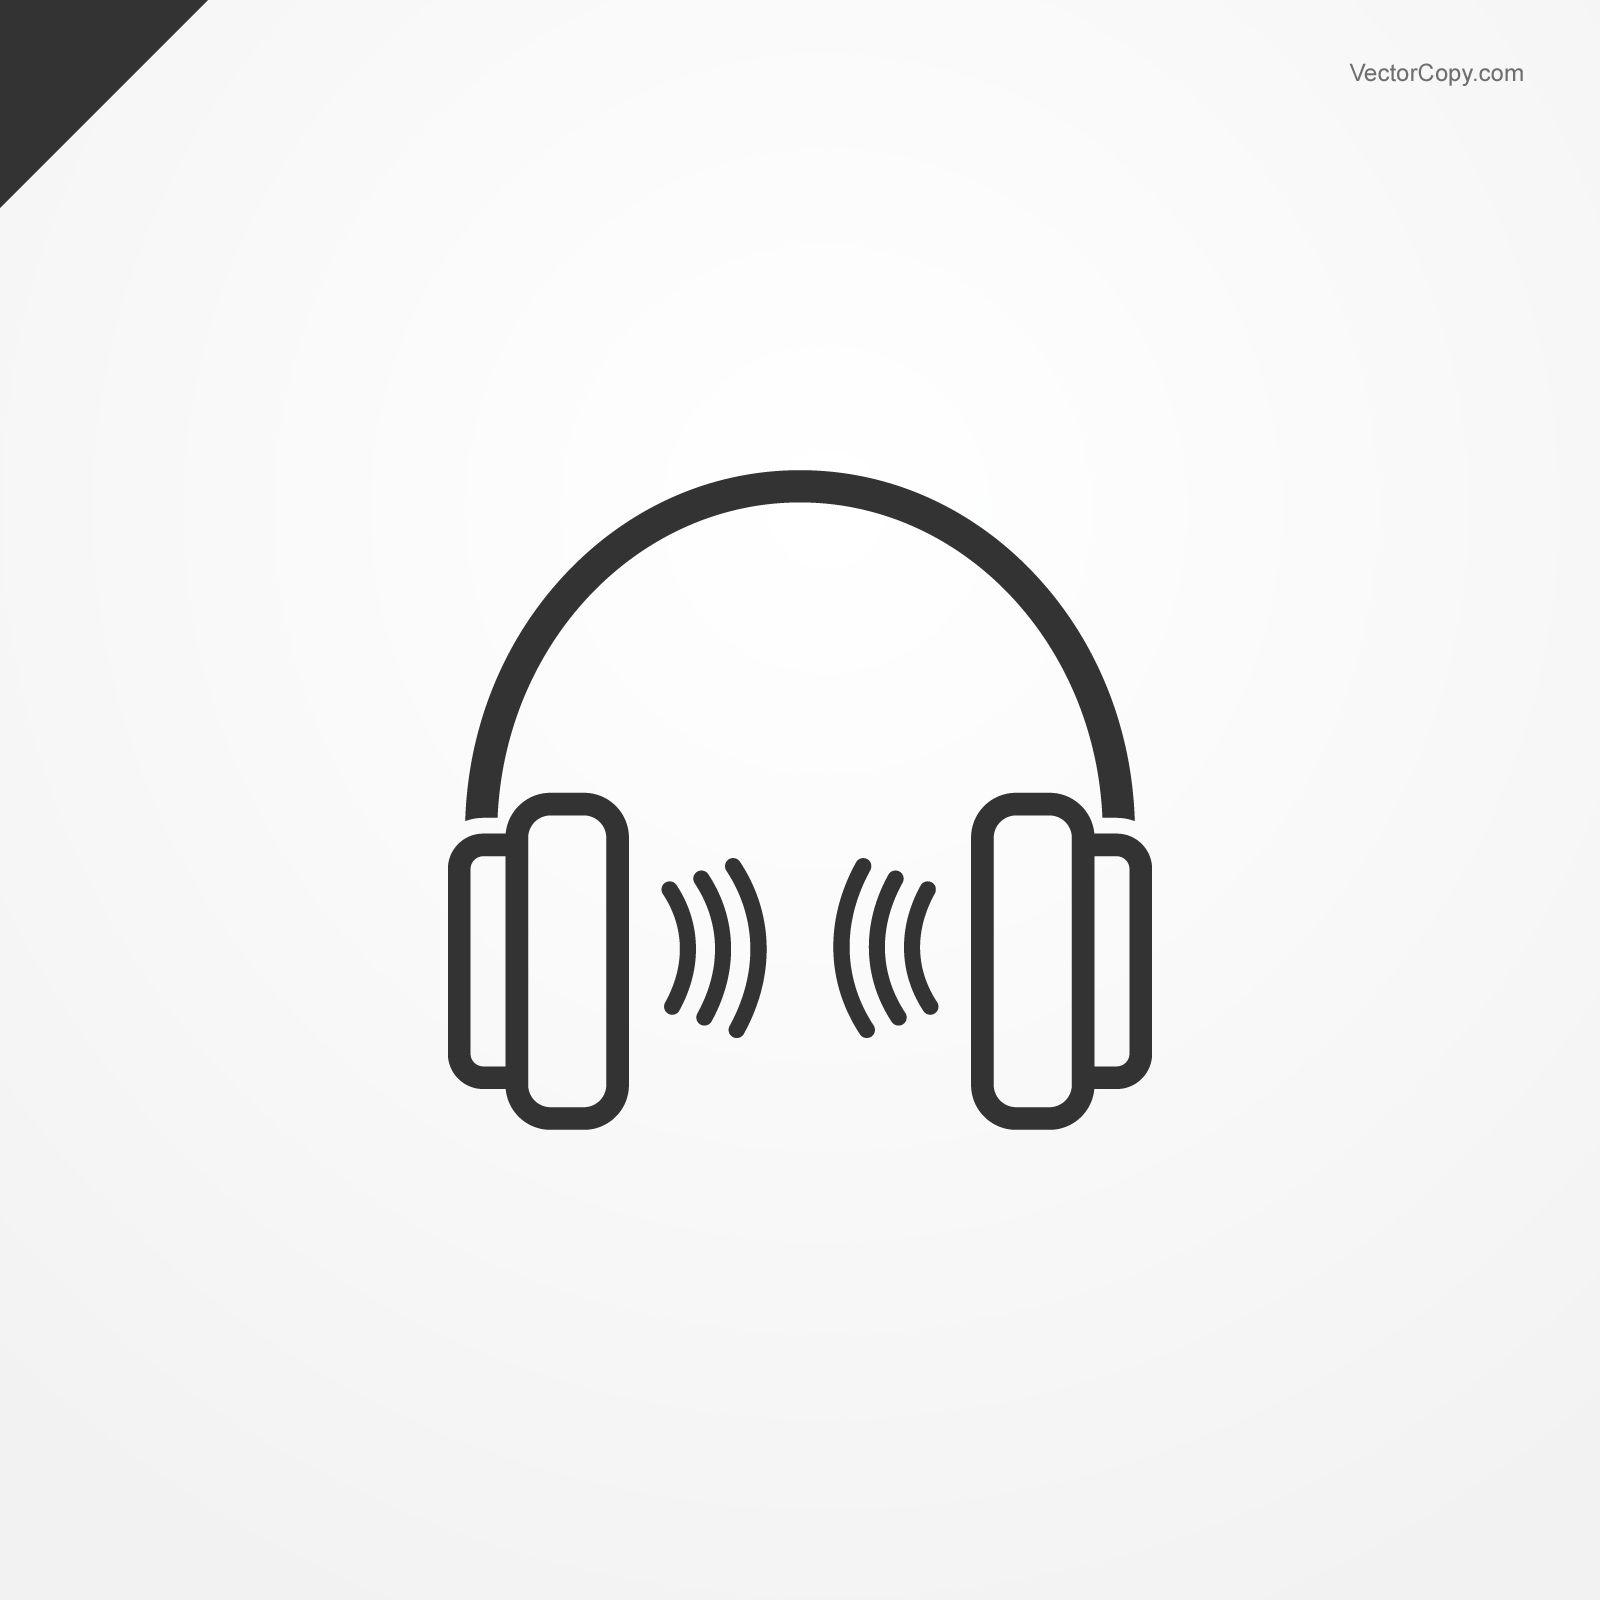 Pandora App Icon Vector